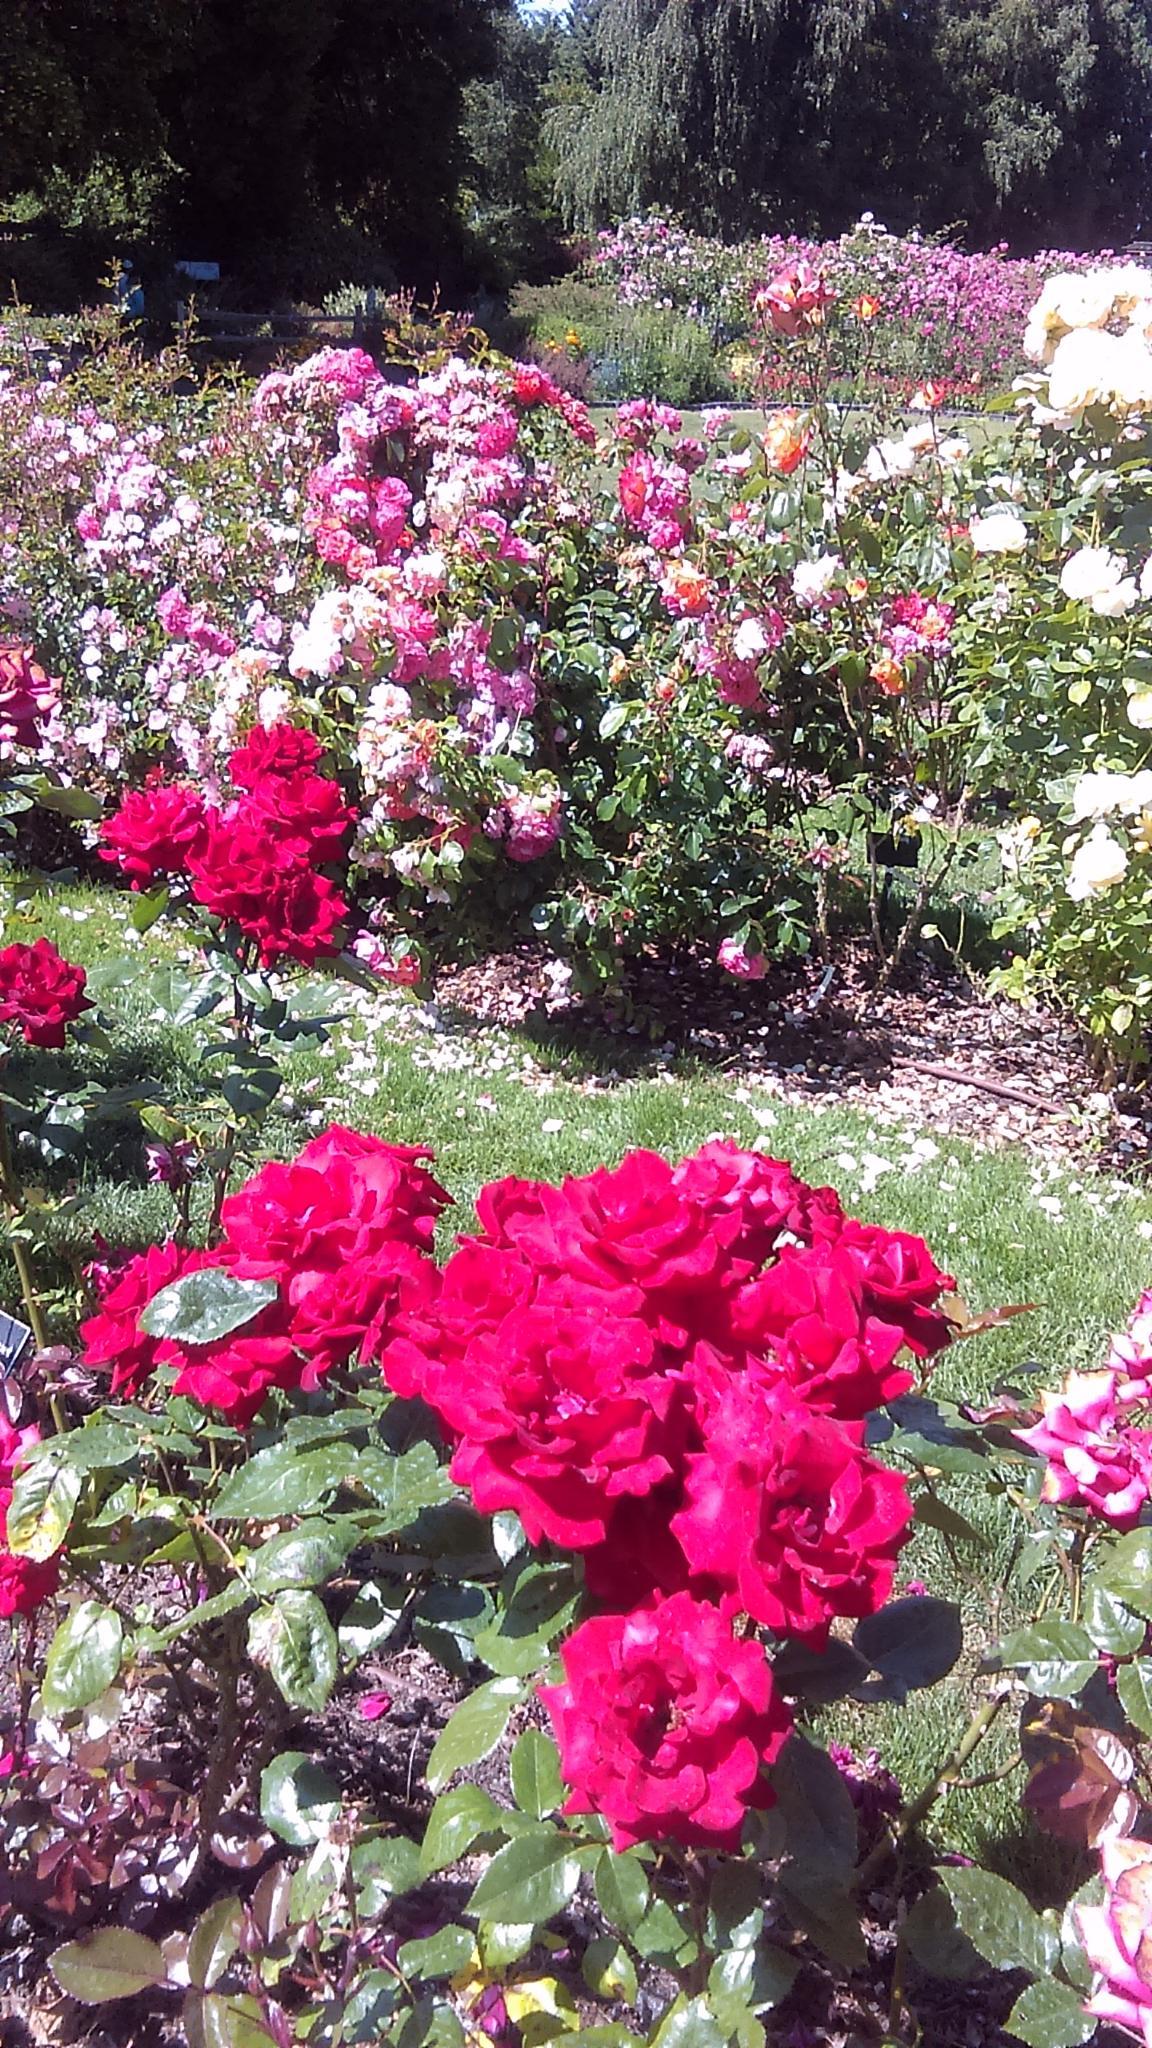 the garden #3 by Elizabettvan